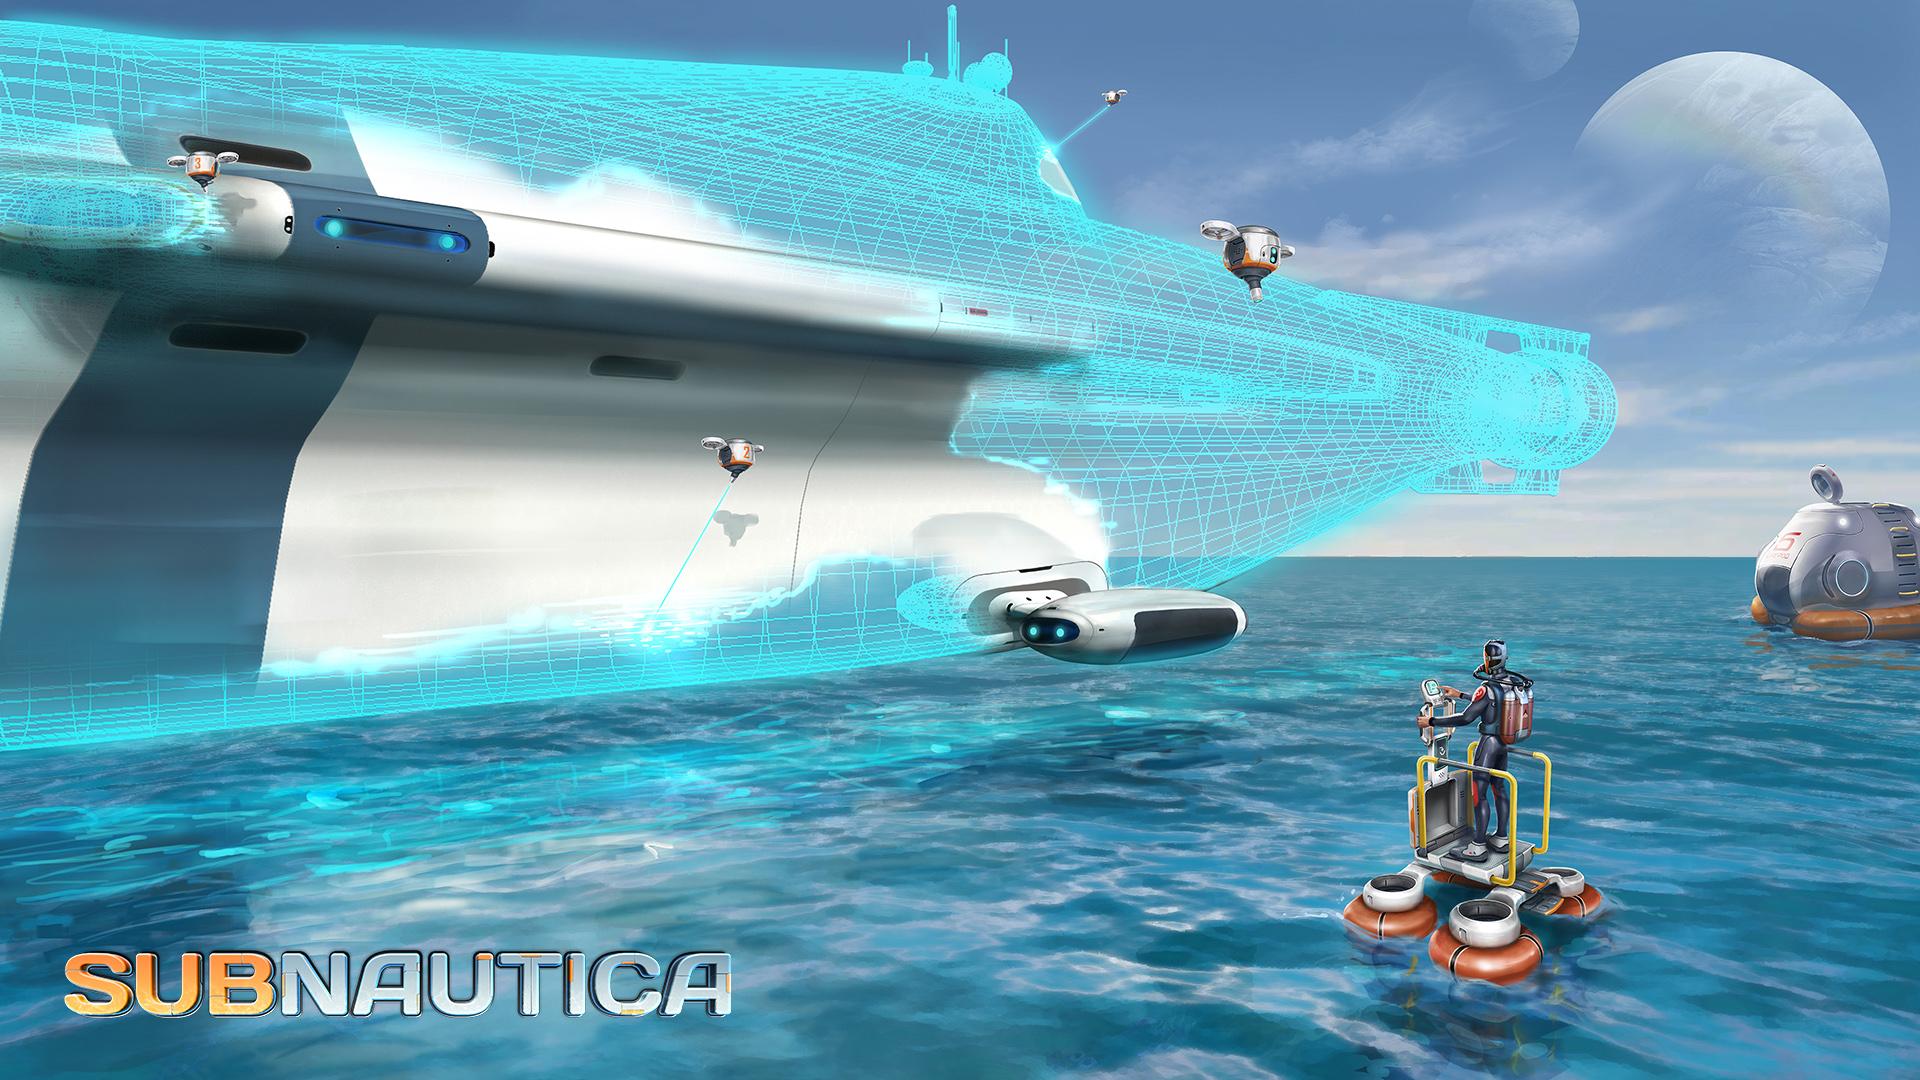 subnautica - photo #34